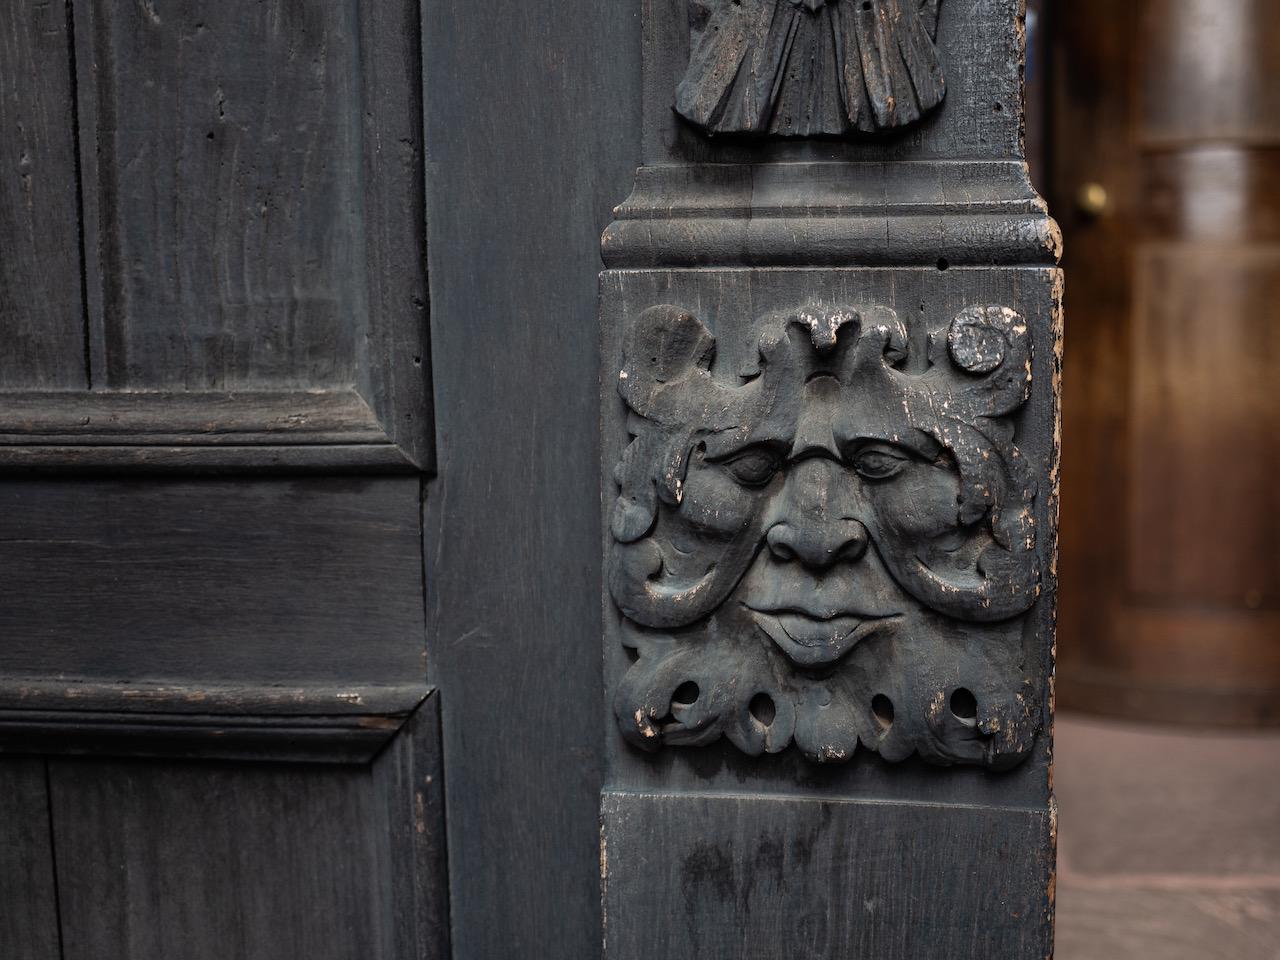 Südportal, Blattmaske am Türpfosten